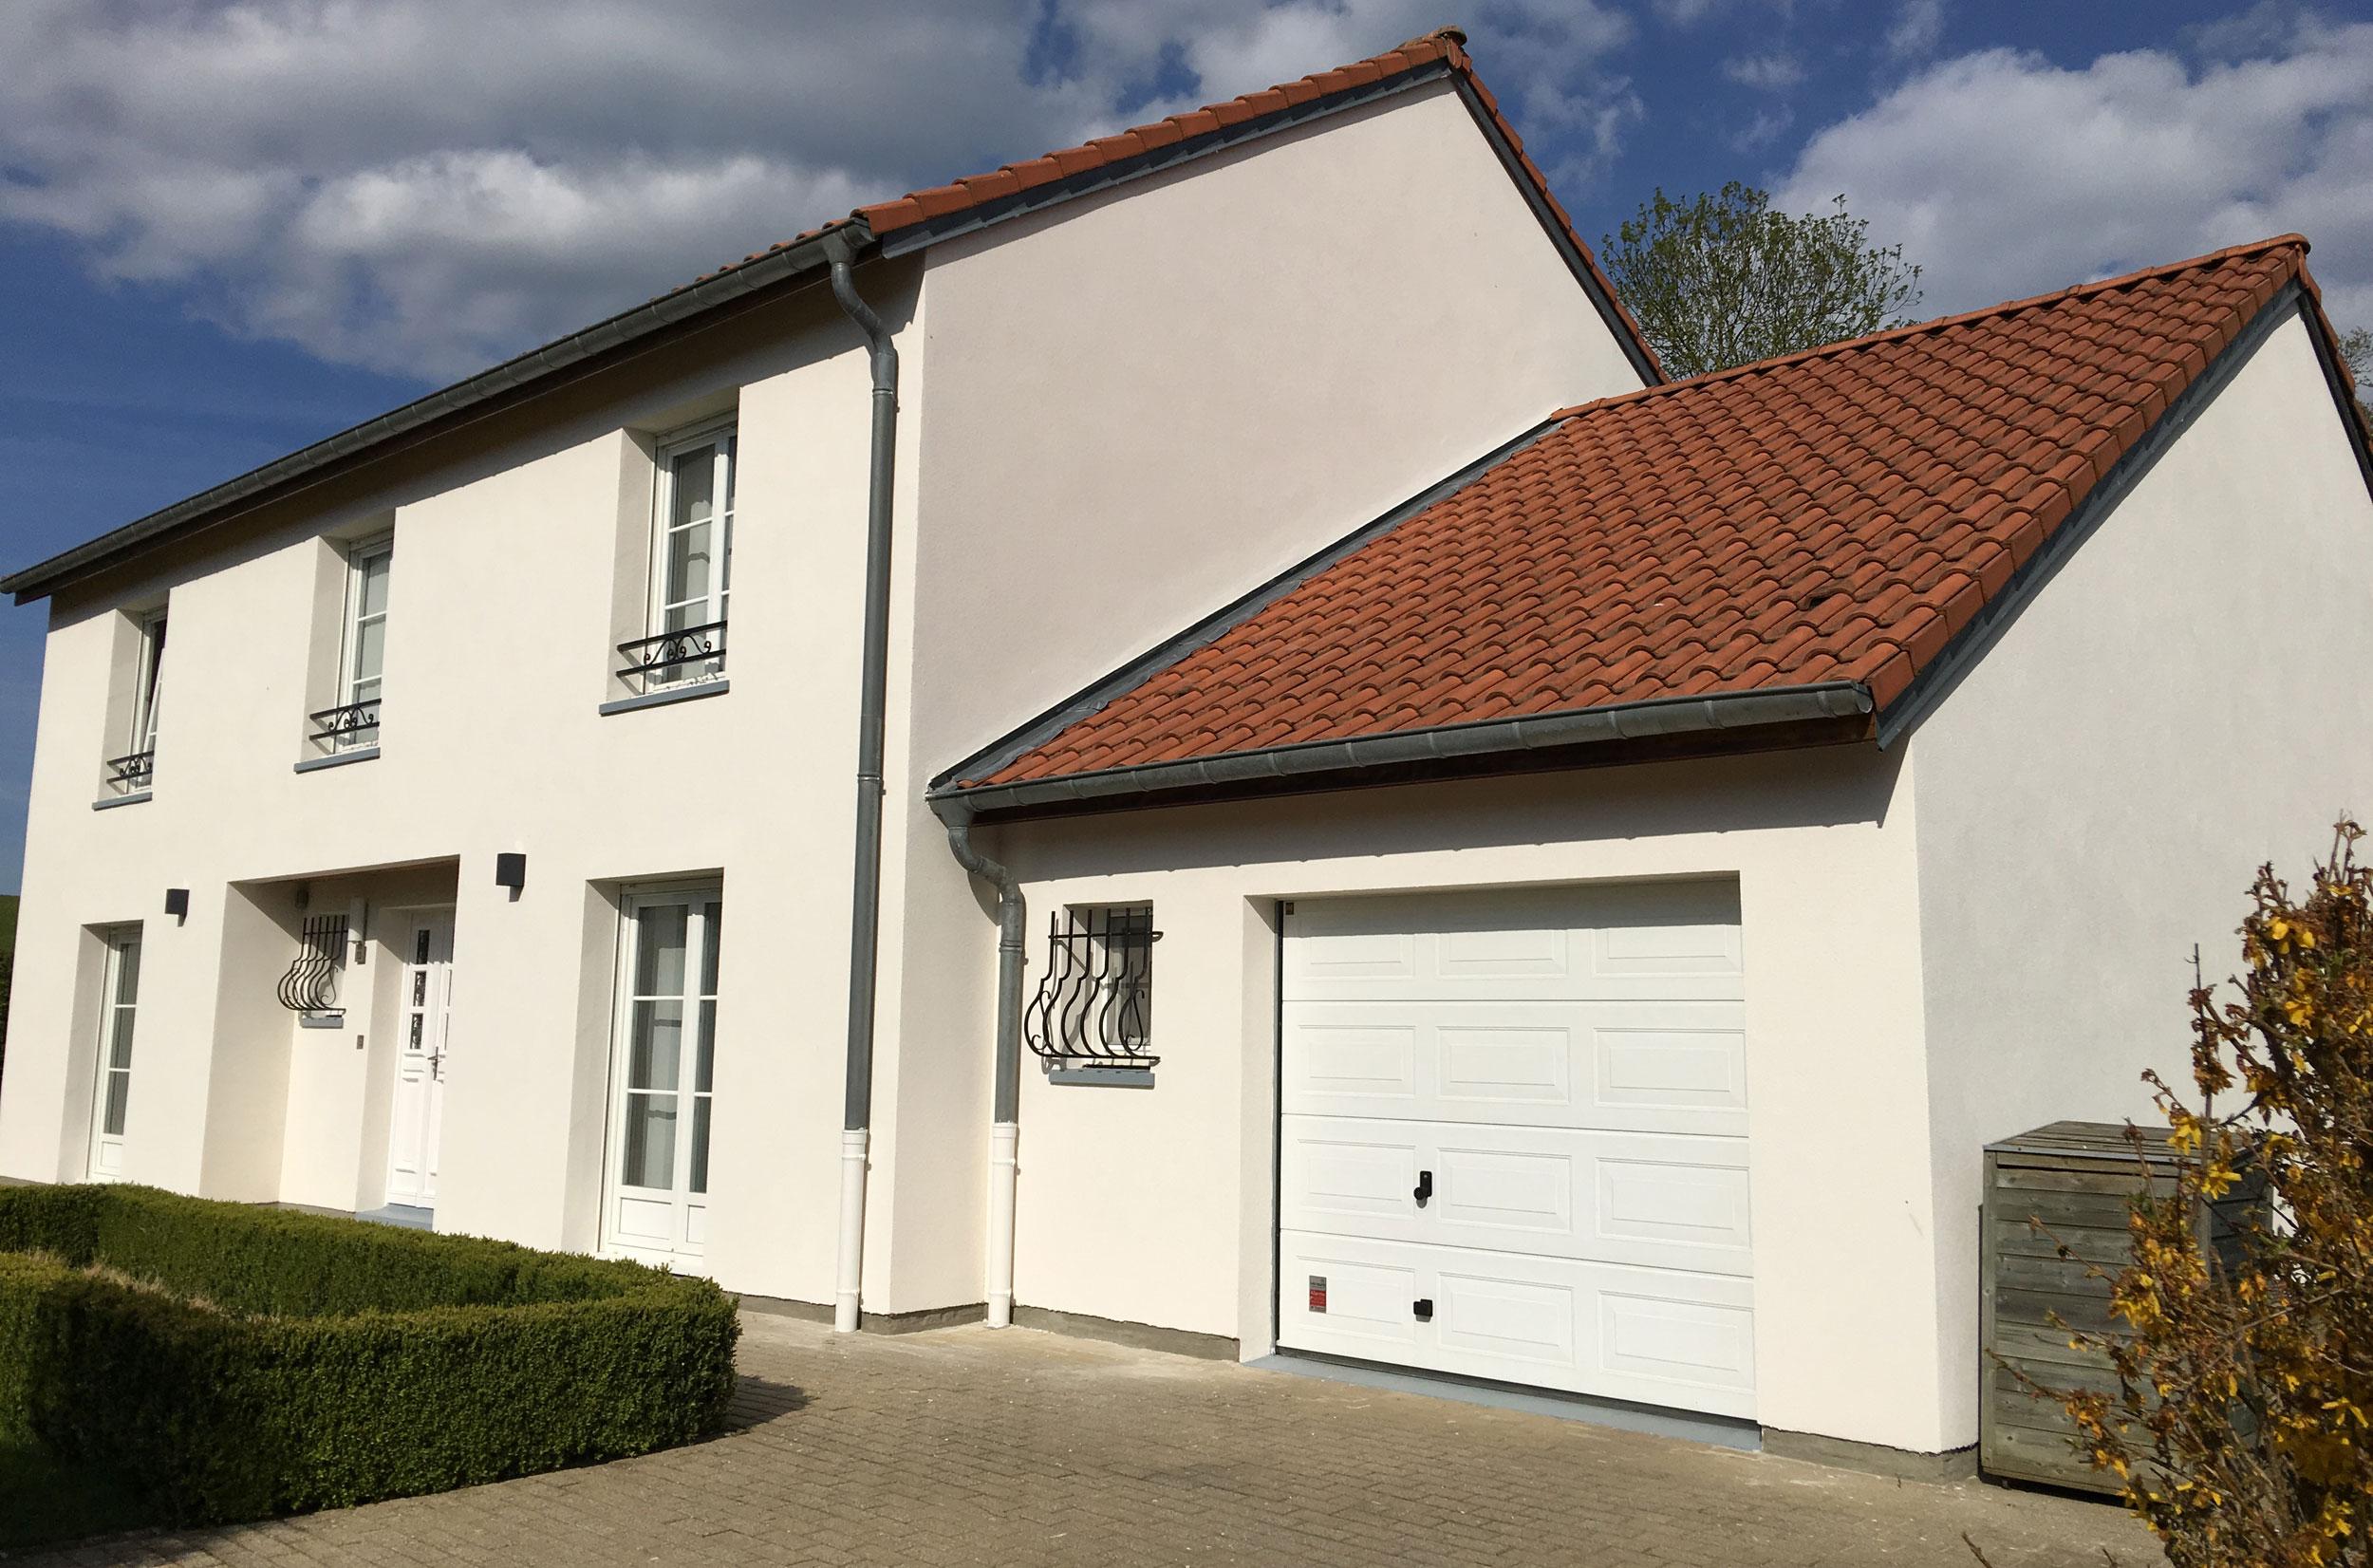 AMI Lorraine - Spécialiste du ravalement de façades en Moselle Metz Thionville Nancy